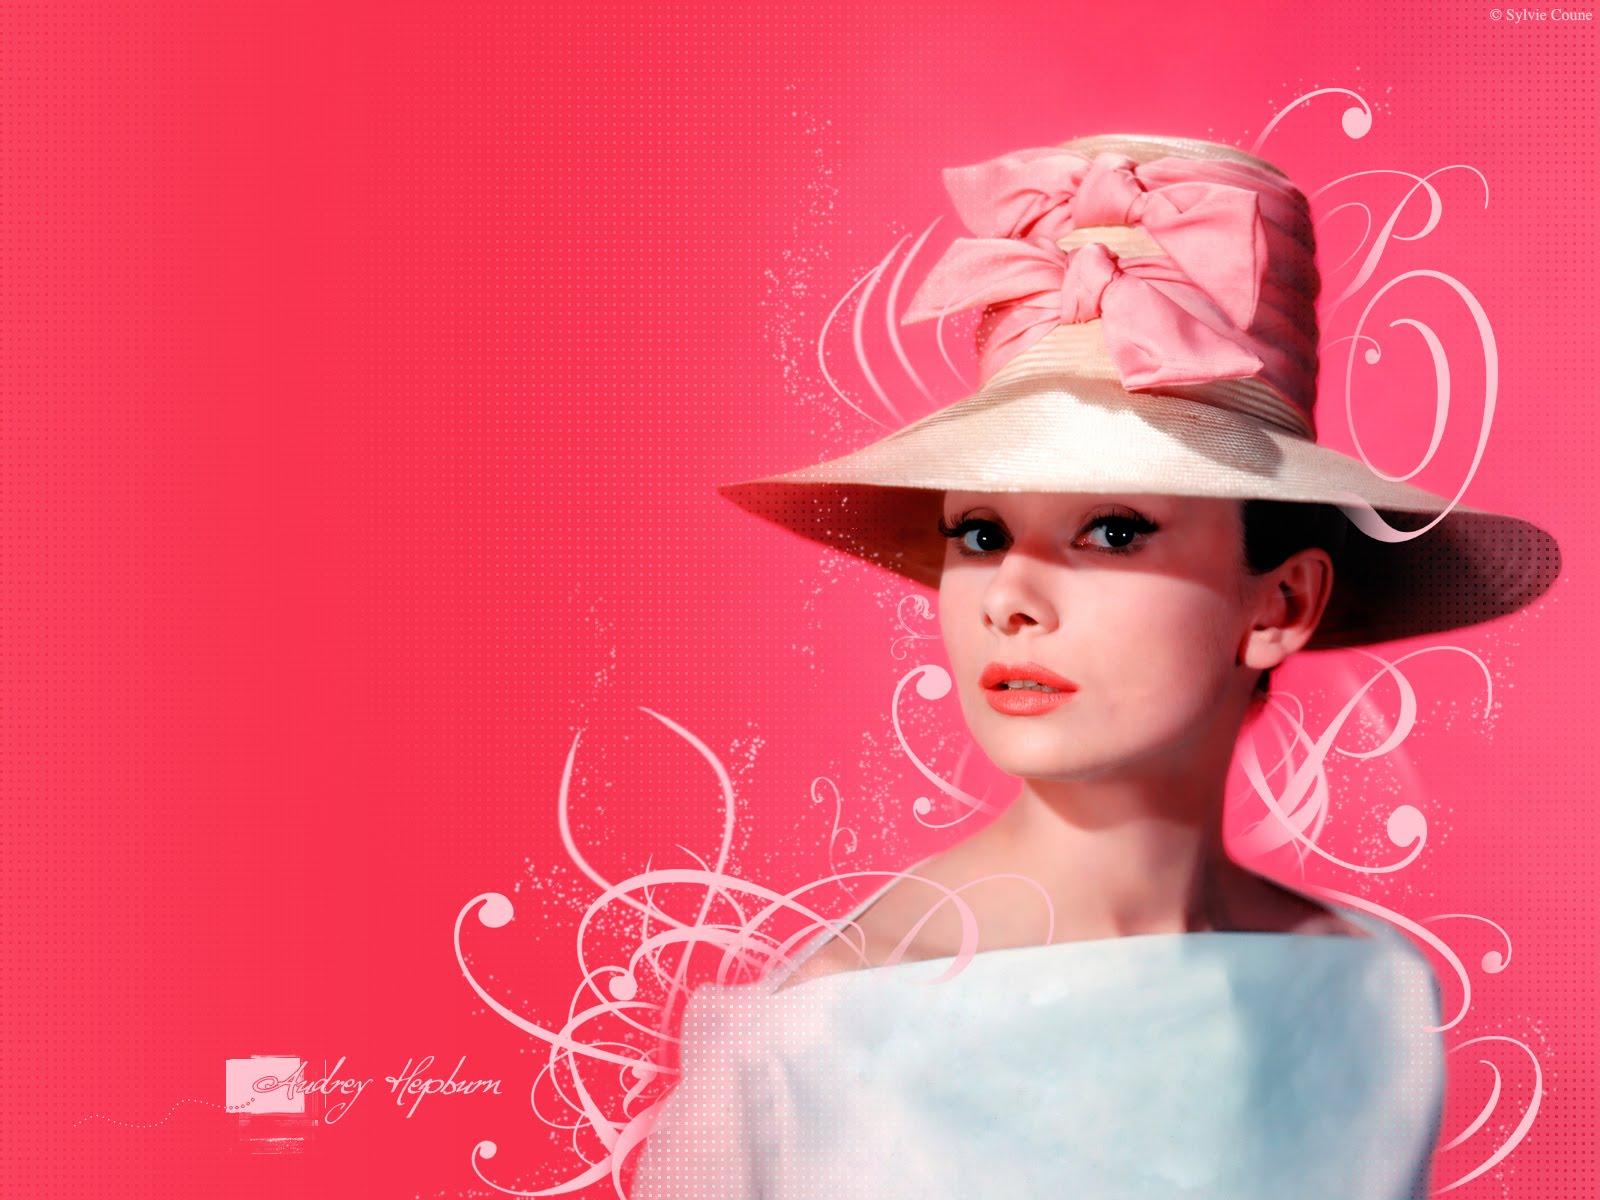 http://4.bp.blogspot.com/_Nz5I5dVmdpA/S-FMr-rV2GI/AAAAAAAAD8o/W-pgQteJW6s/s1600/Audrey_Hepburn.jpg